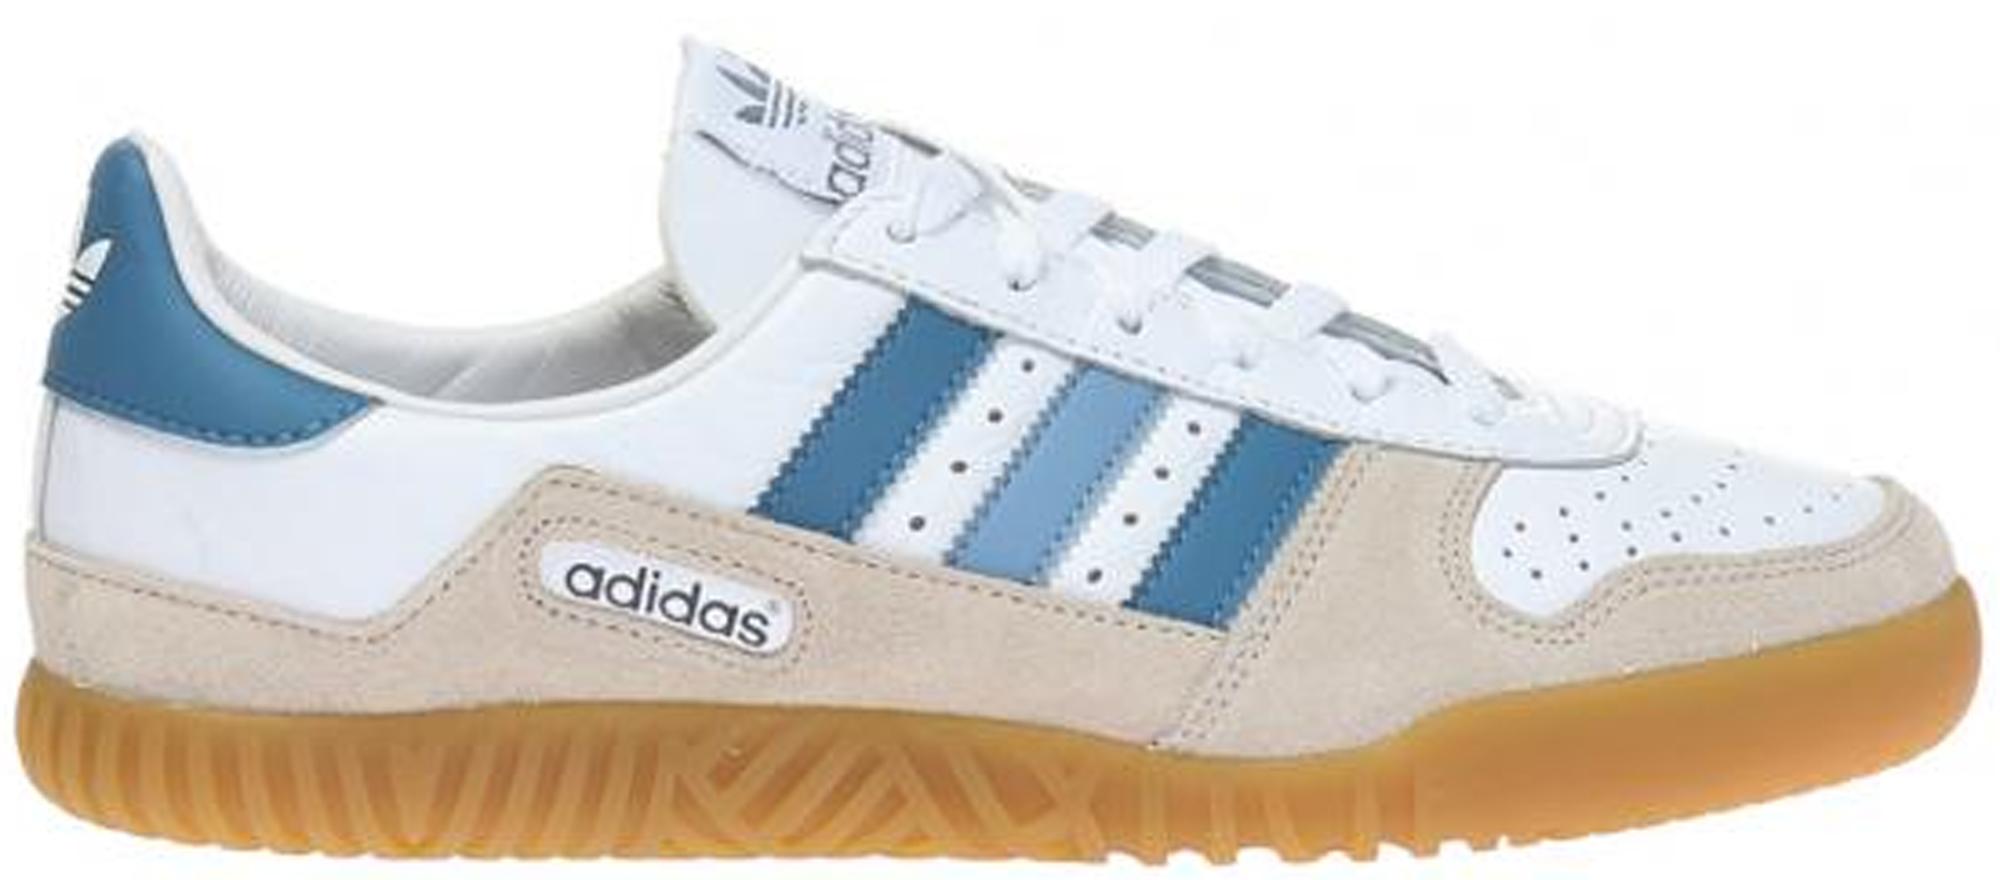 adidas Indoor Comp Spezial Cloud White